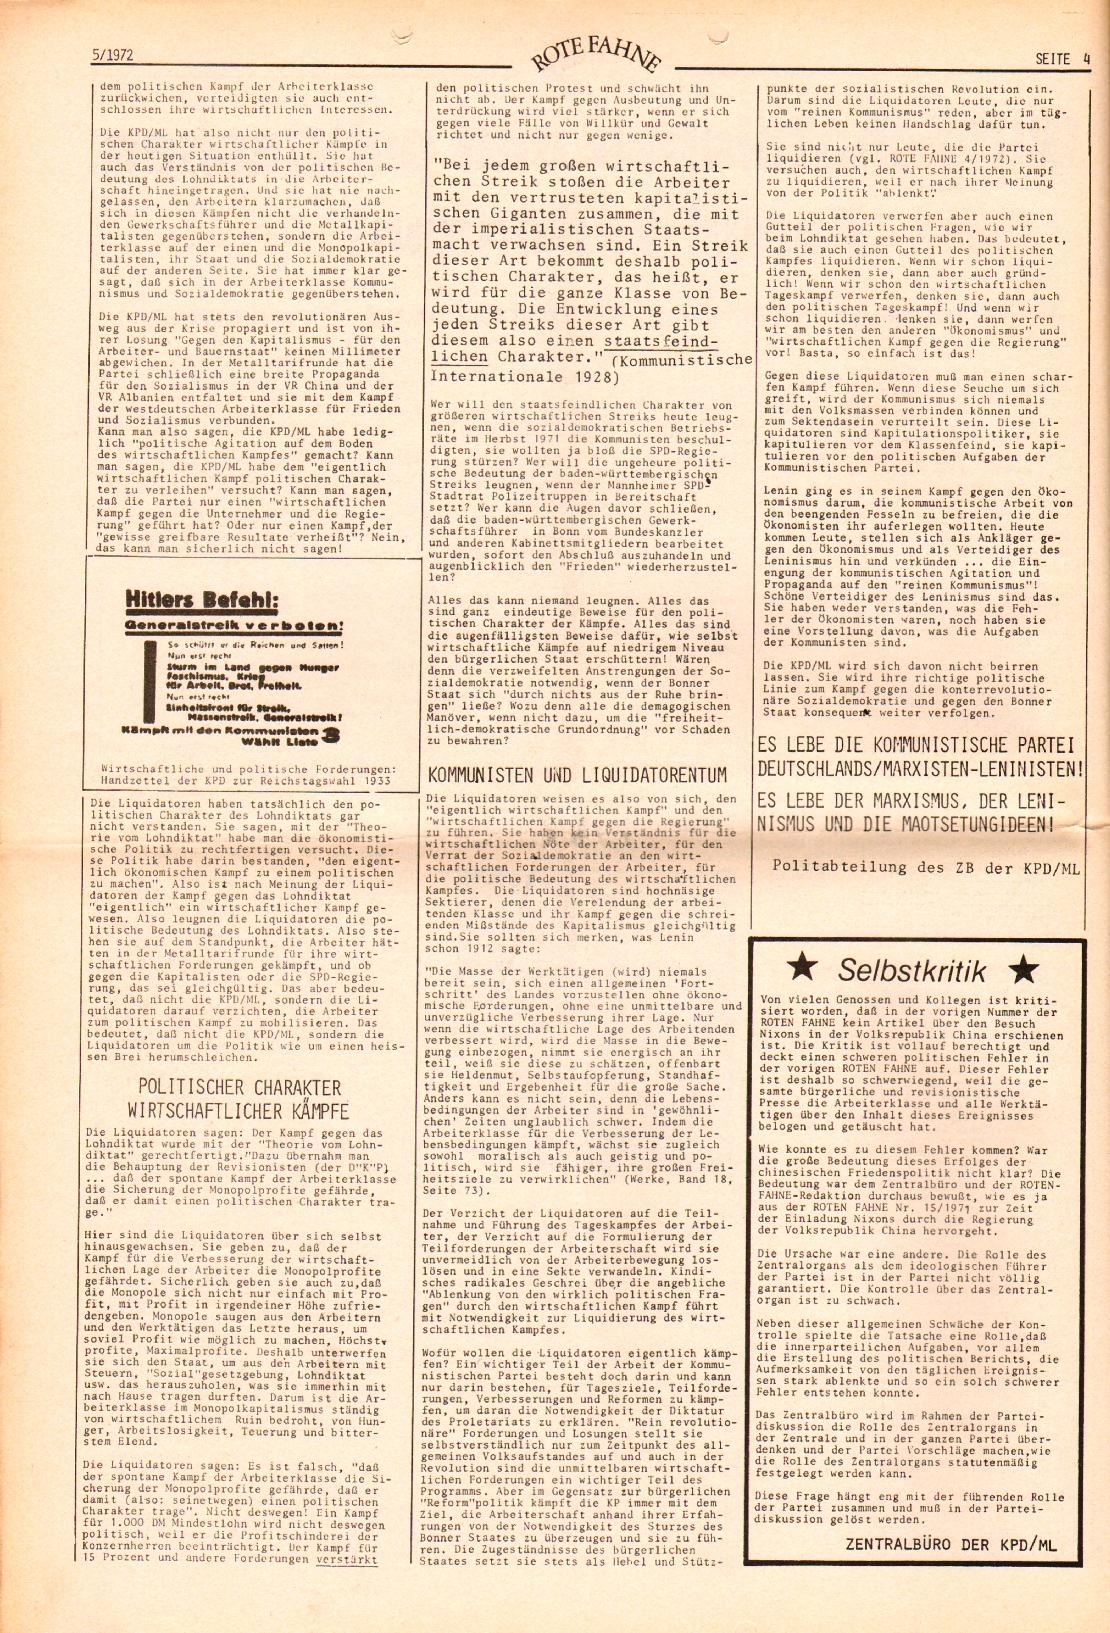 Rote Fahne, 3. Jg., 6.3.1972, Nr. 5, Seite 4